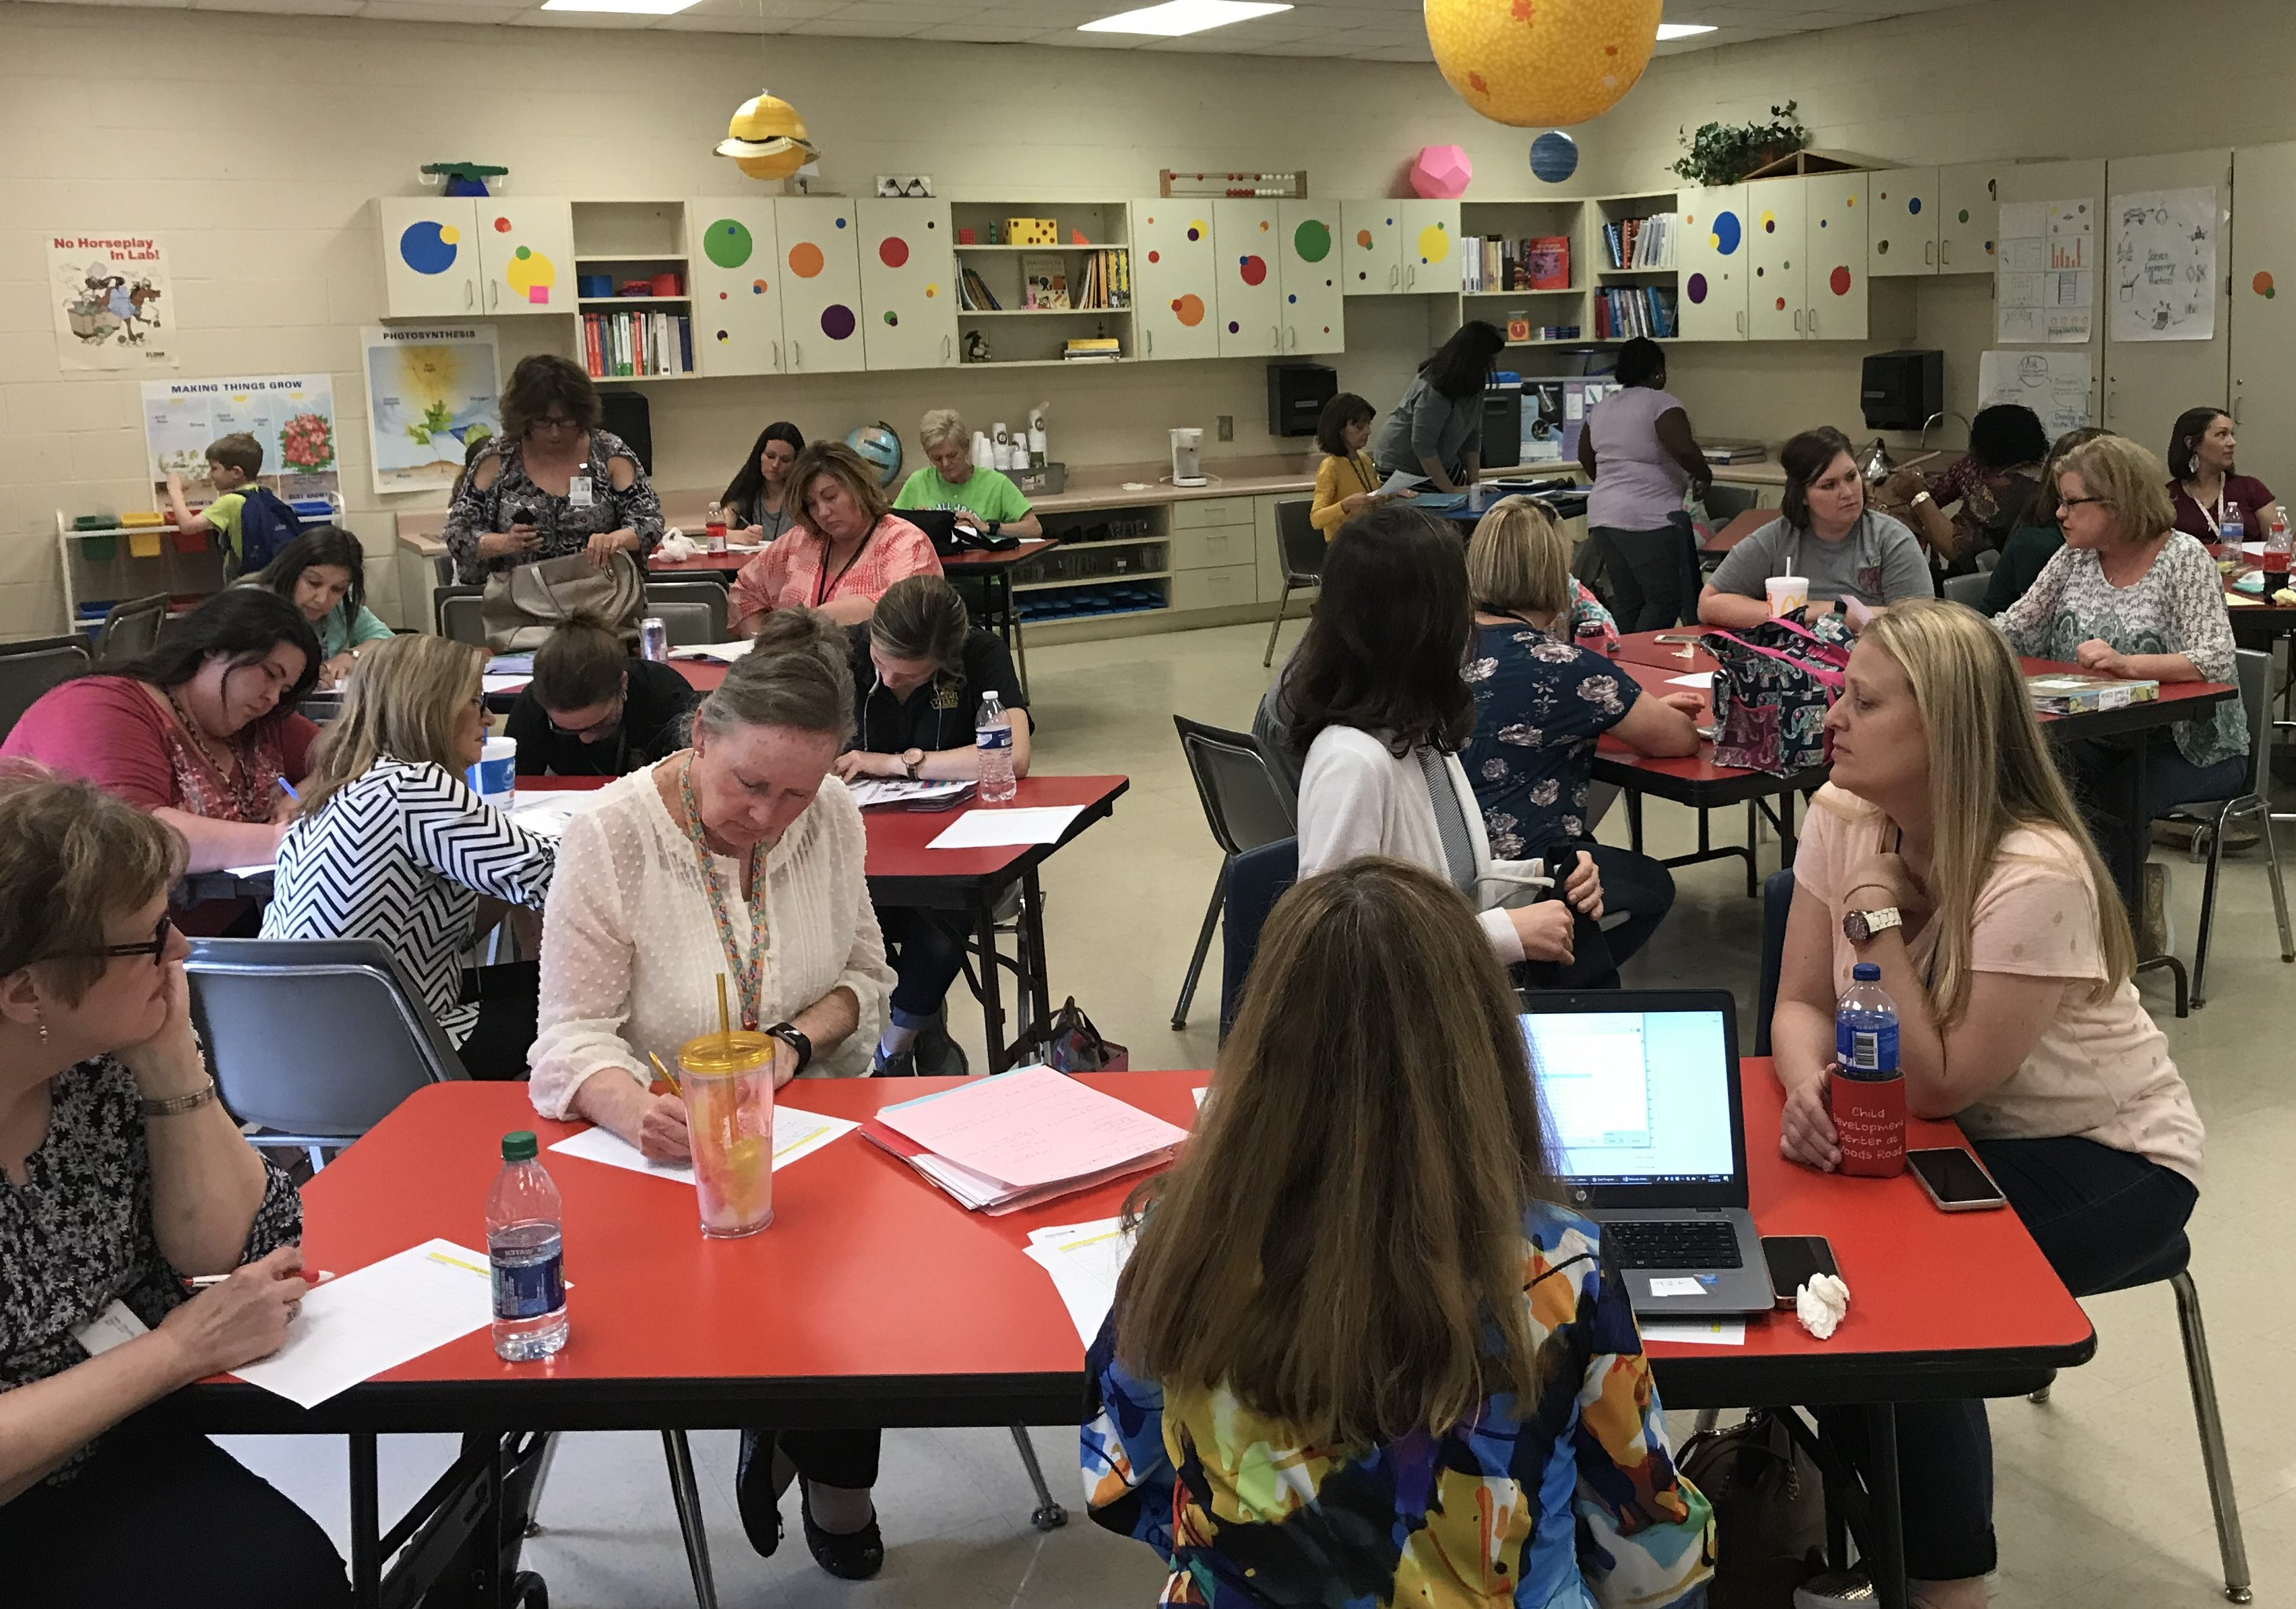 EDPD 525 Strategies for Teaching Children of Poverty June 12-21